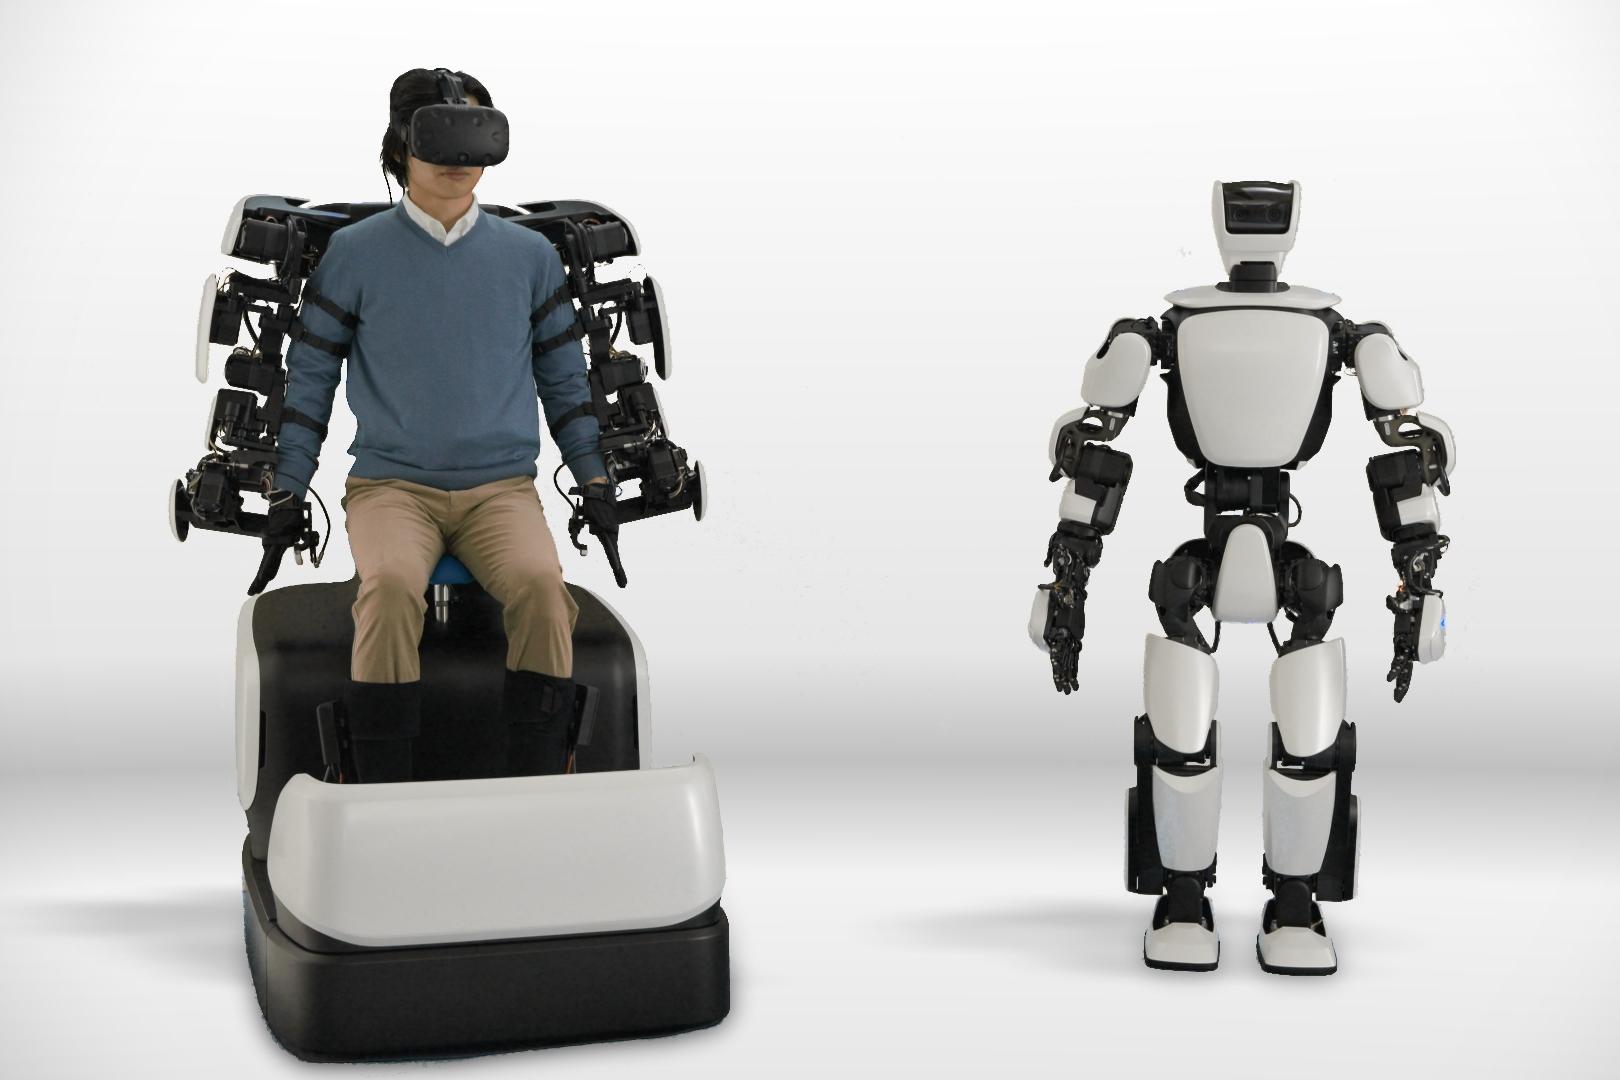 Imagem de Robô humanoide da Toyota é capaz de nos imitar com enorme precisão [vídeo] no tecmundo